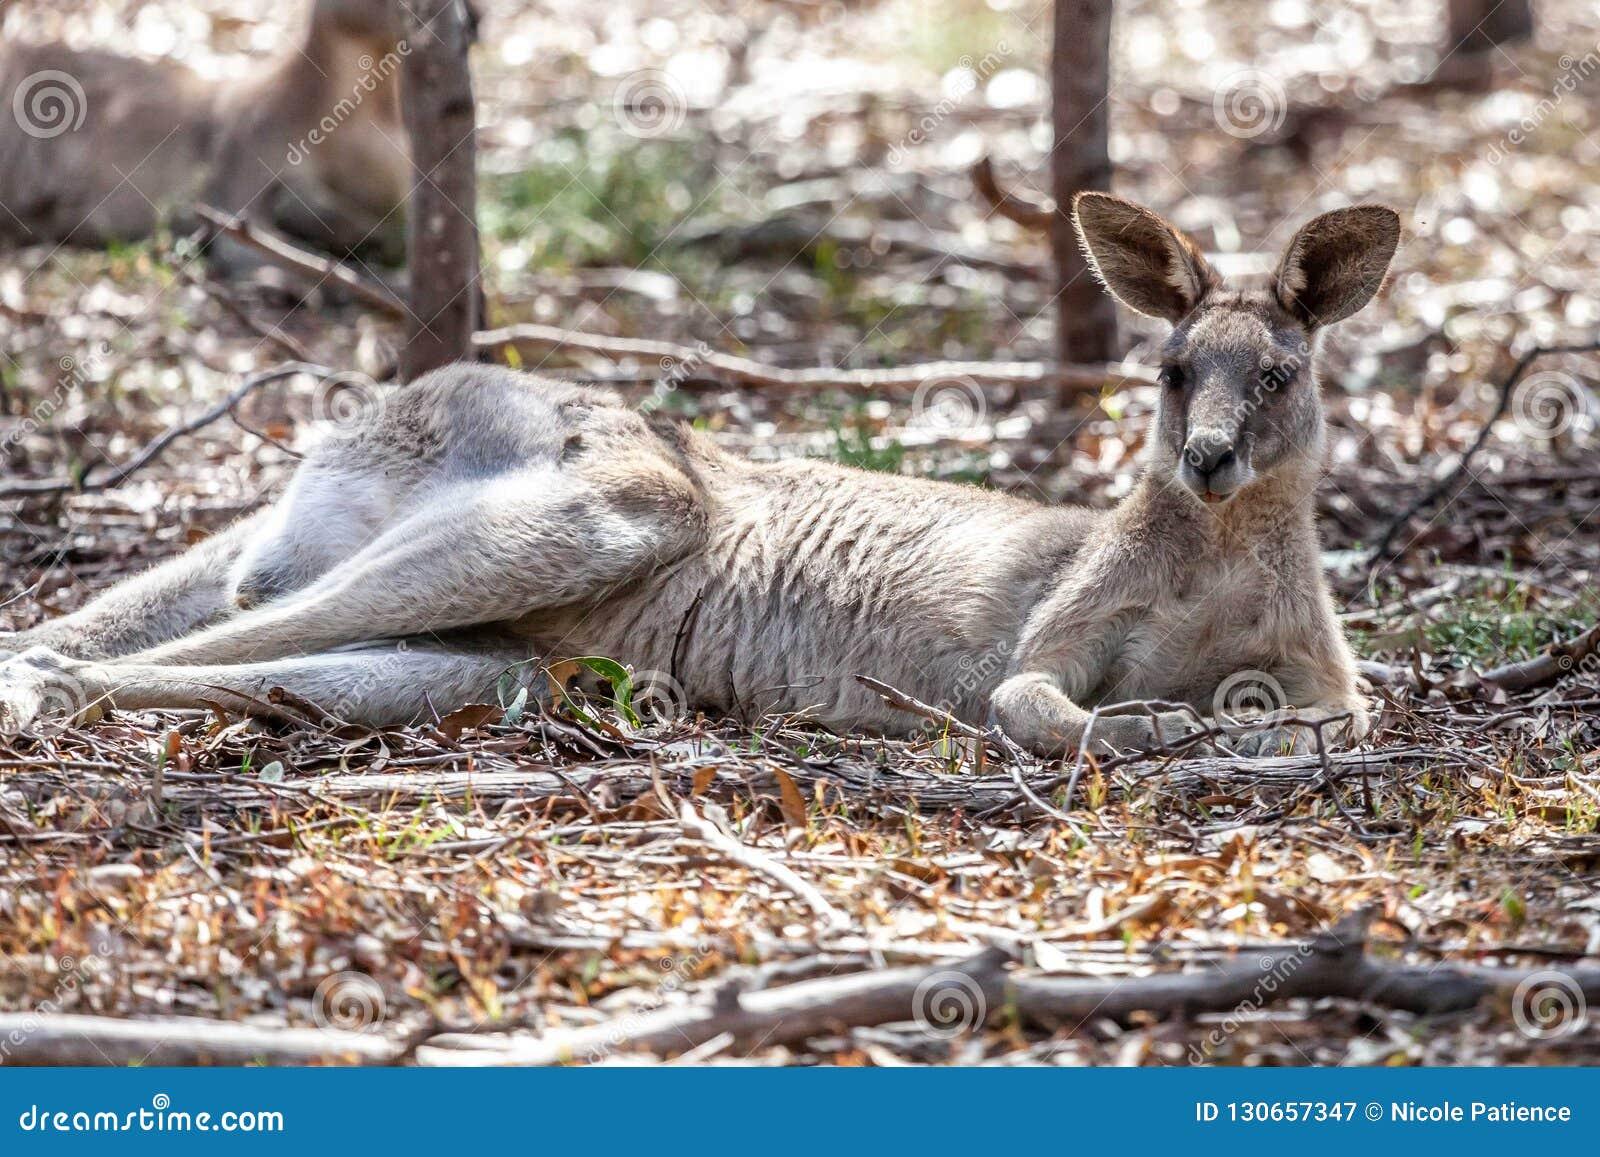 Australien Im November